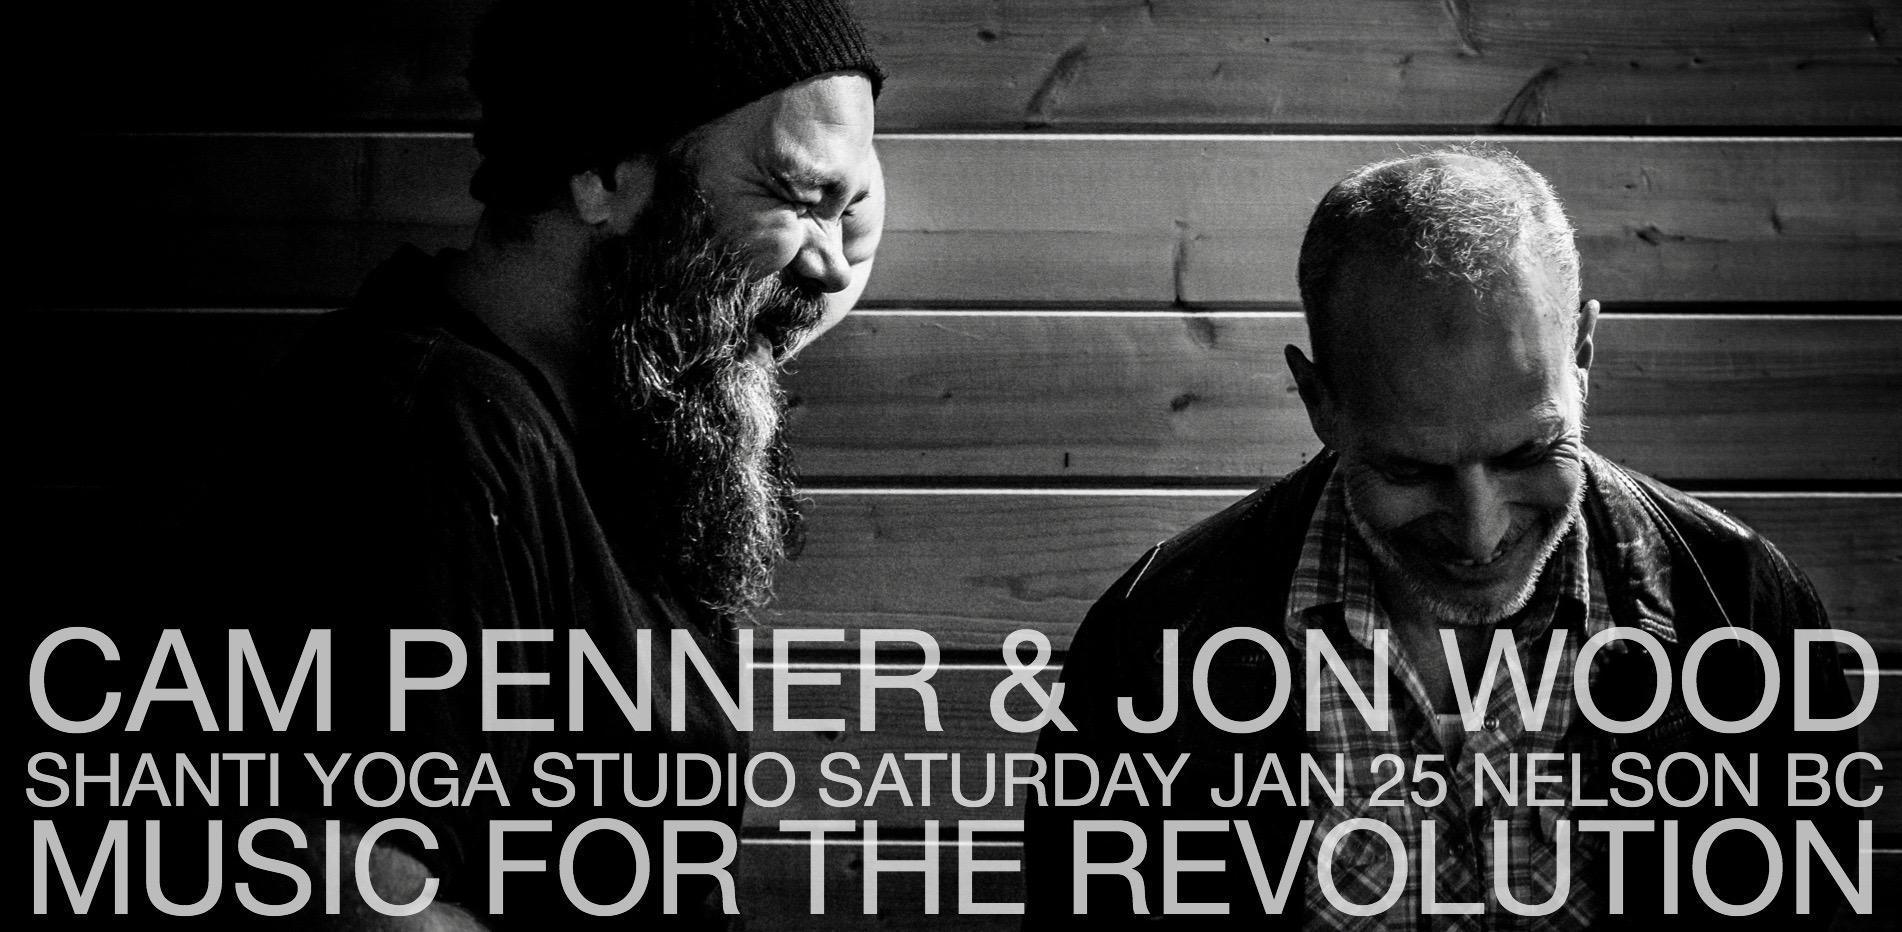 Cam Penner & Jon Wood Making Musical Love